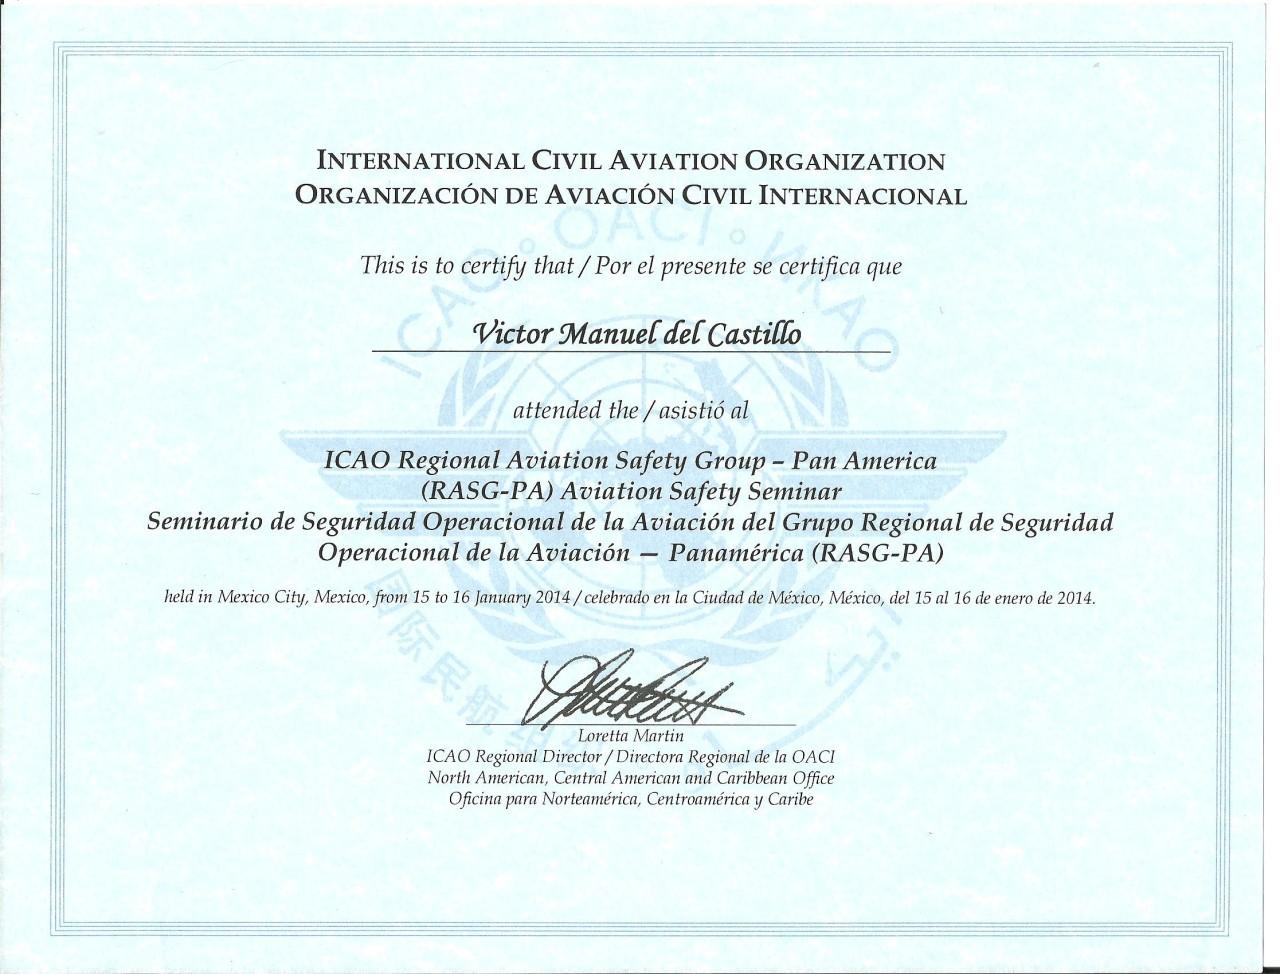 Nuestro especialista se ha actualizado con otro curso sobre Seguridad Operacional impartido por OACI, RASG-PA hace unos días.